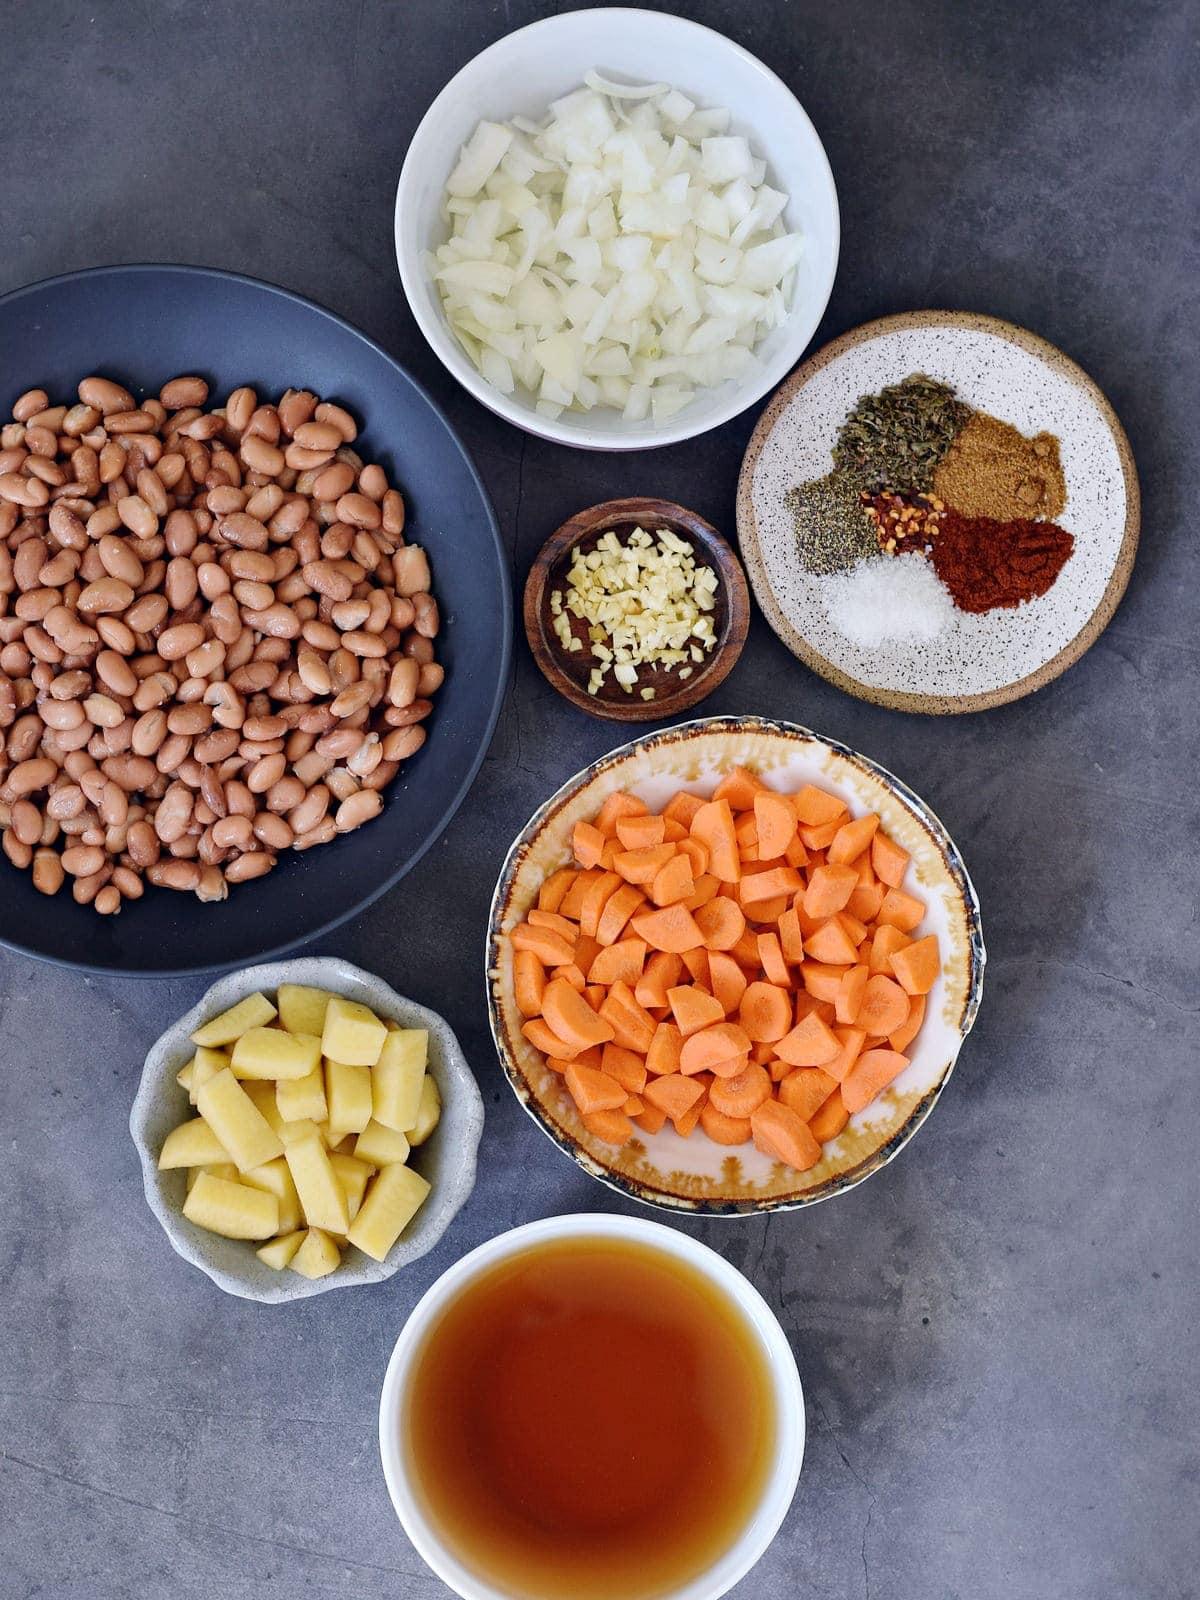 Pintobohnen, Zwiebeln, Knoblauch, Karotten, Kartoffeln, Brühe und Gewürze auf grauem Hintergrund